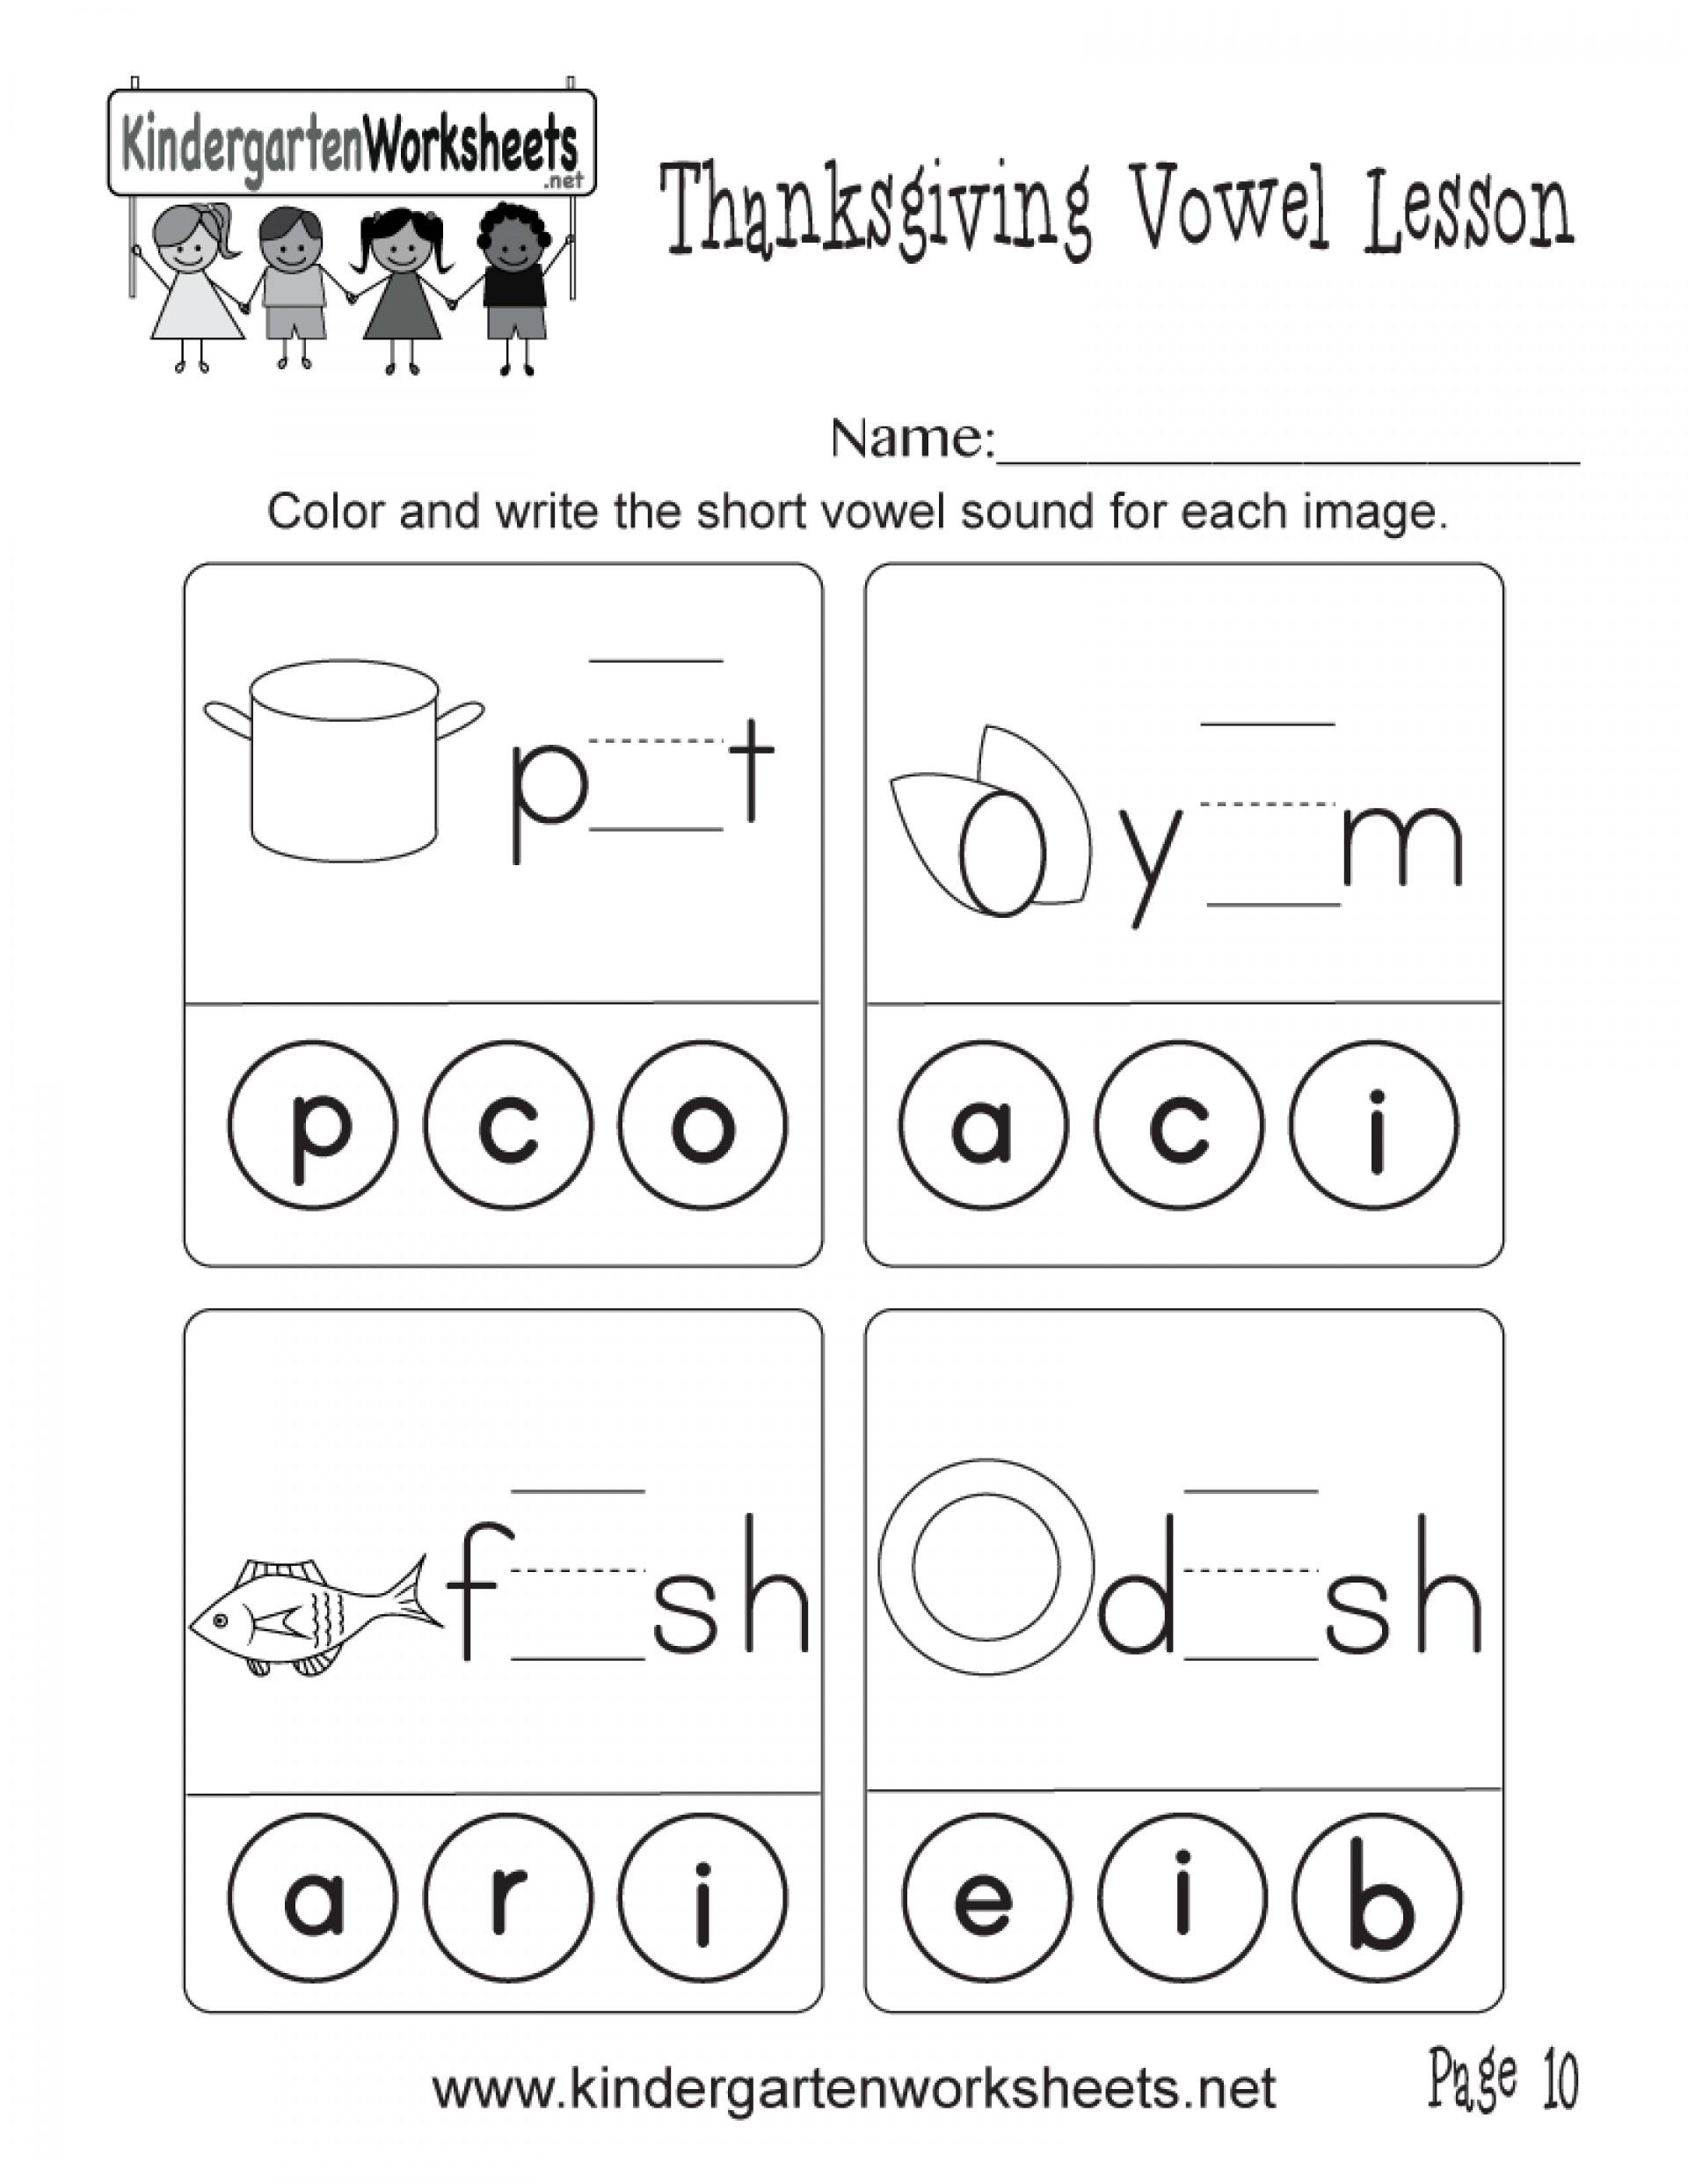 Short Vowel Worksheets 1st Grade 4 Short Vowel Worksheets 1st Grade Worksheets